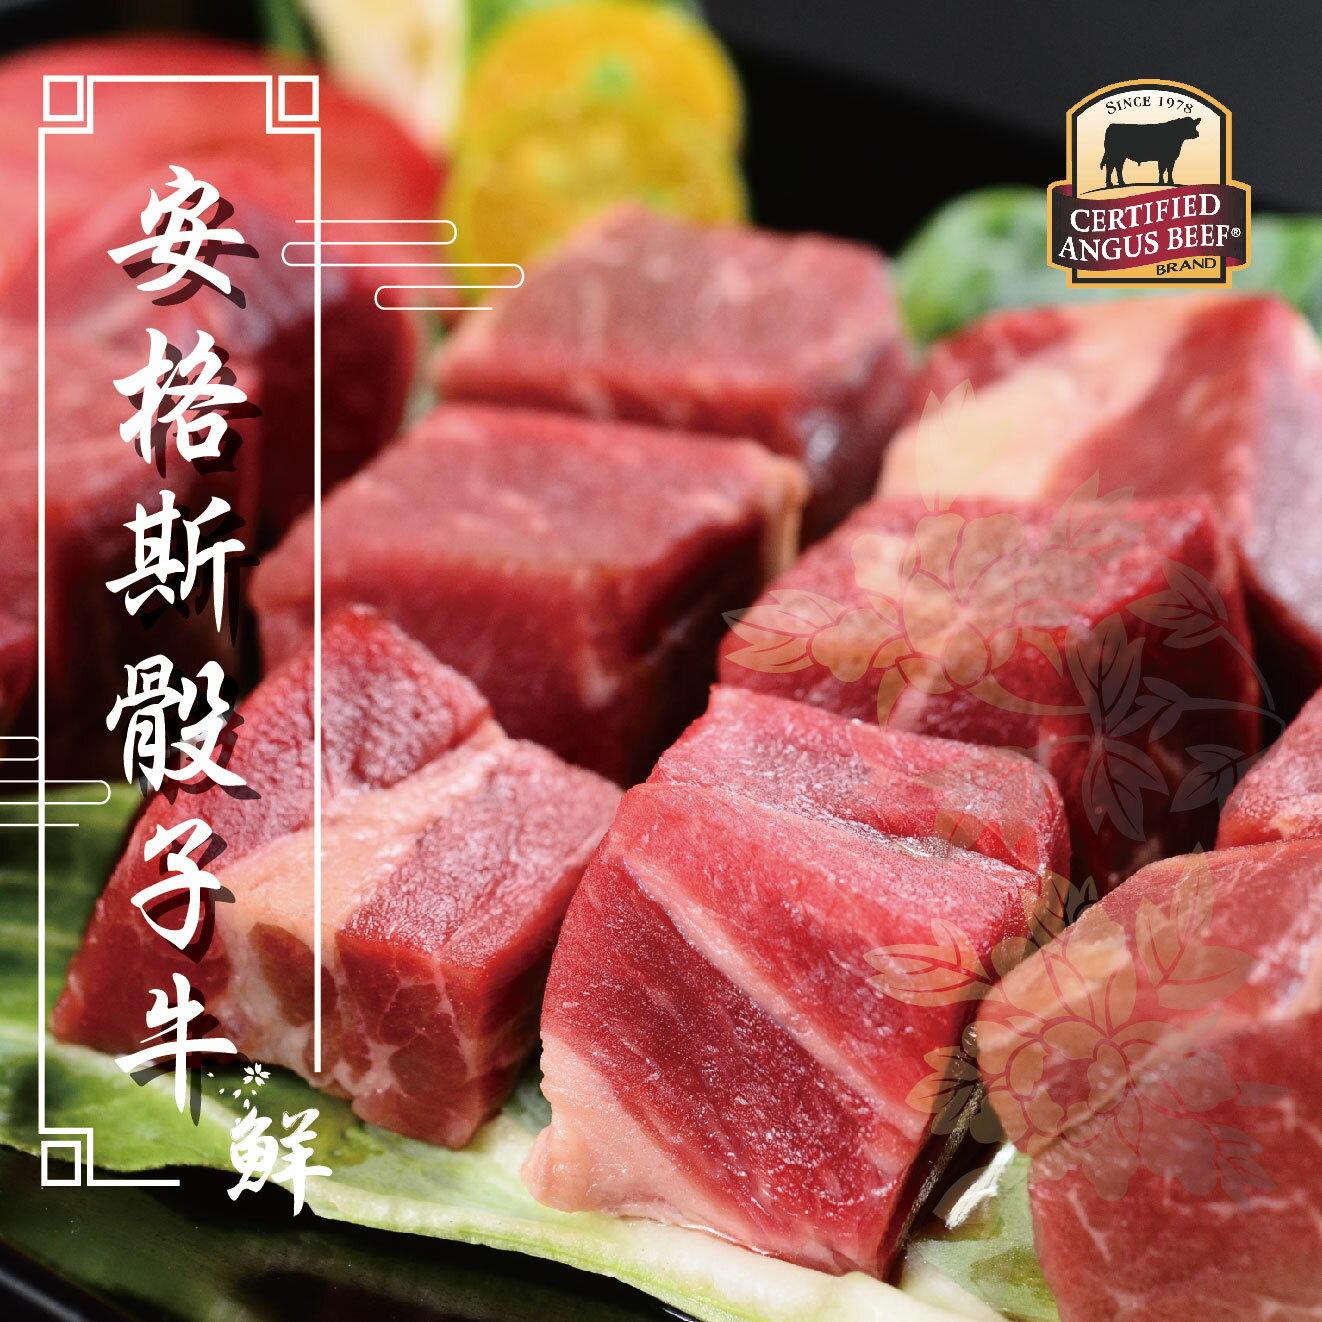 【鮮市集 】美國安格斯PRIME骰子牛肉 250g